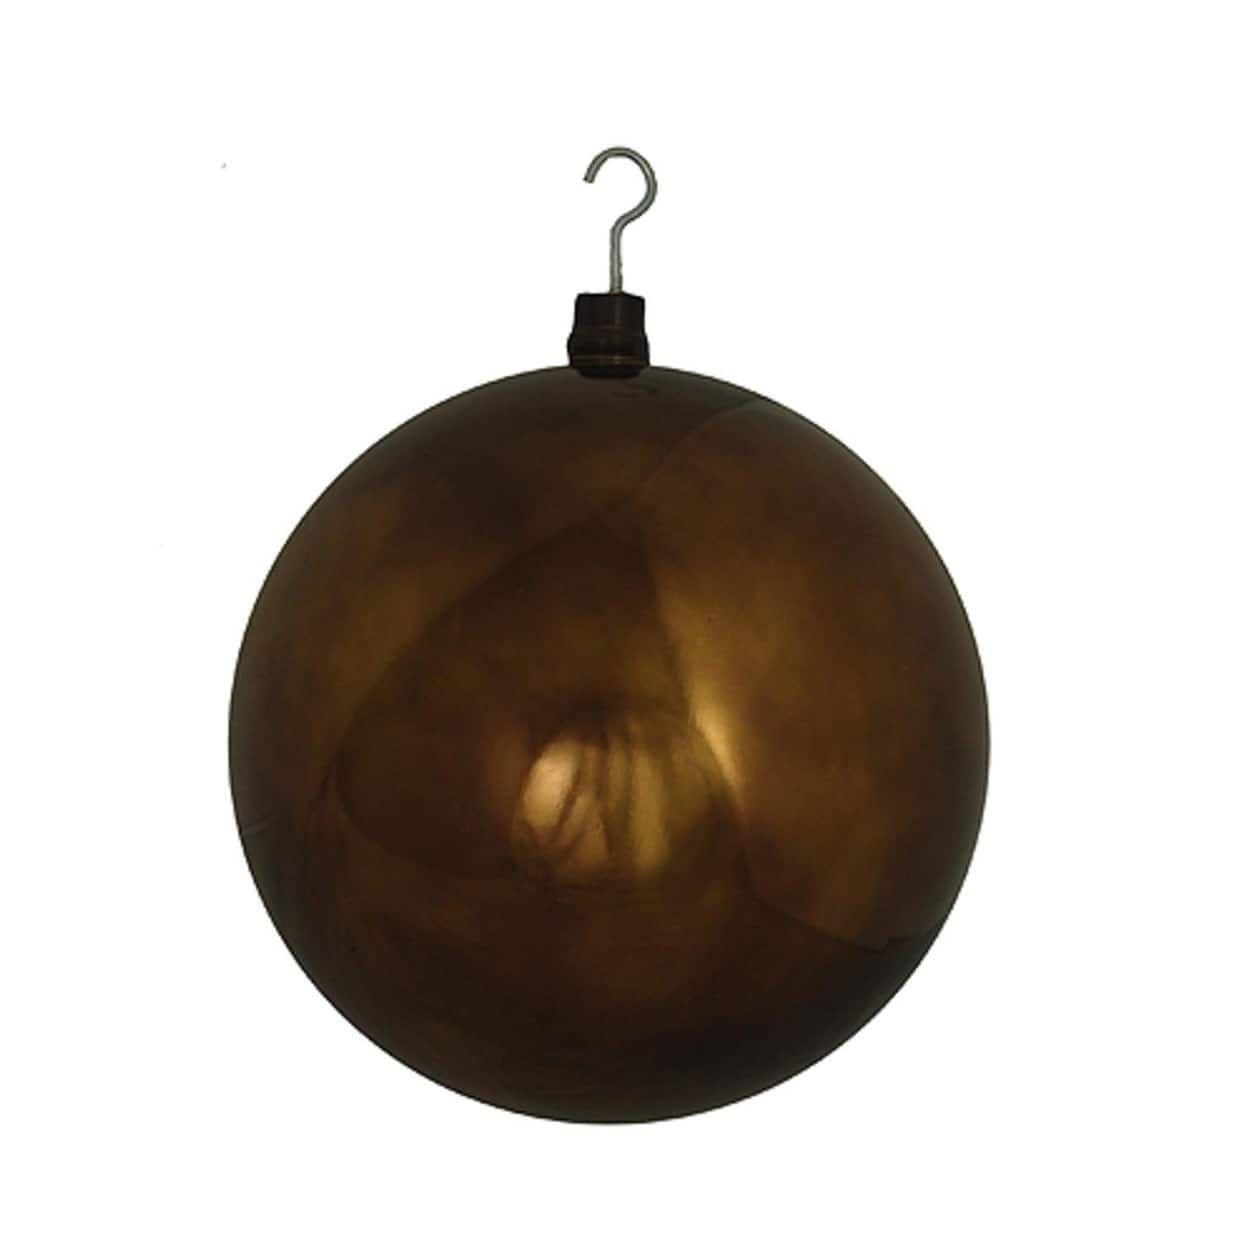 Christbaumkugeln Outlet.Christbaumkugeln Outlet Frohe Weihnachten 2019 2020